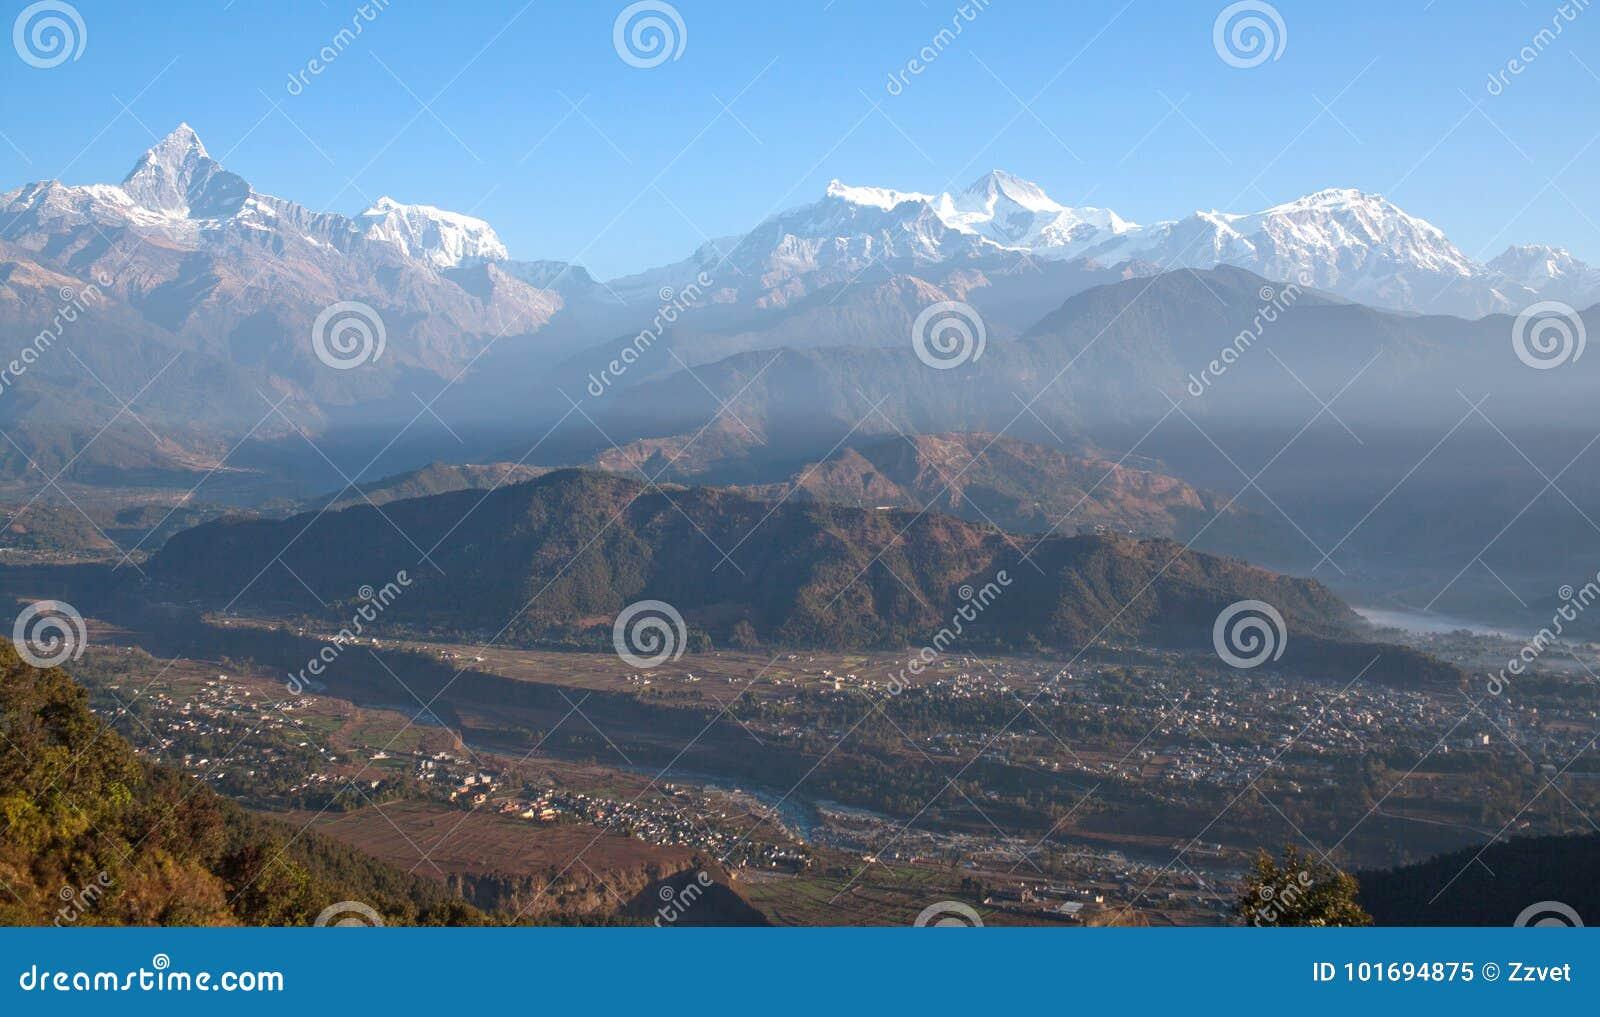 Himalayas Mountain Range From Sarangkot Hill, Nepal Stock